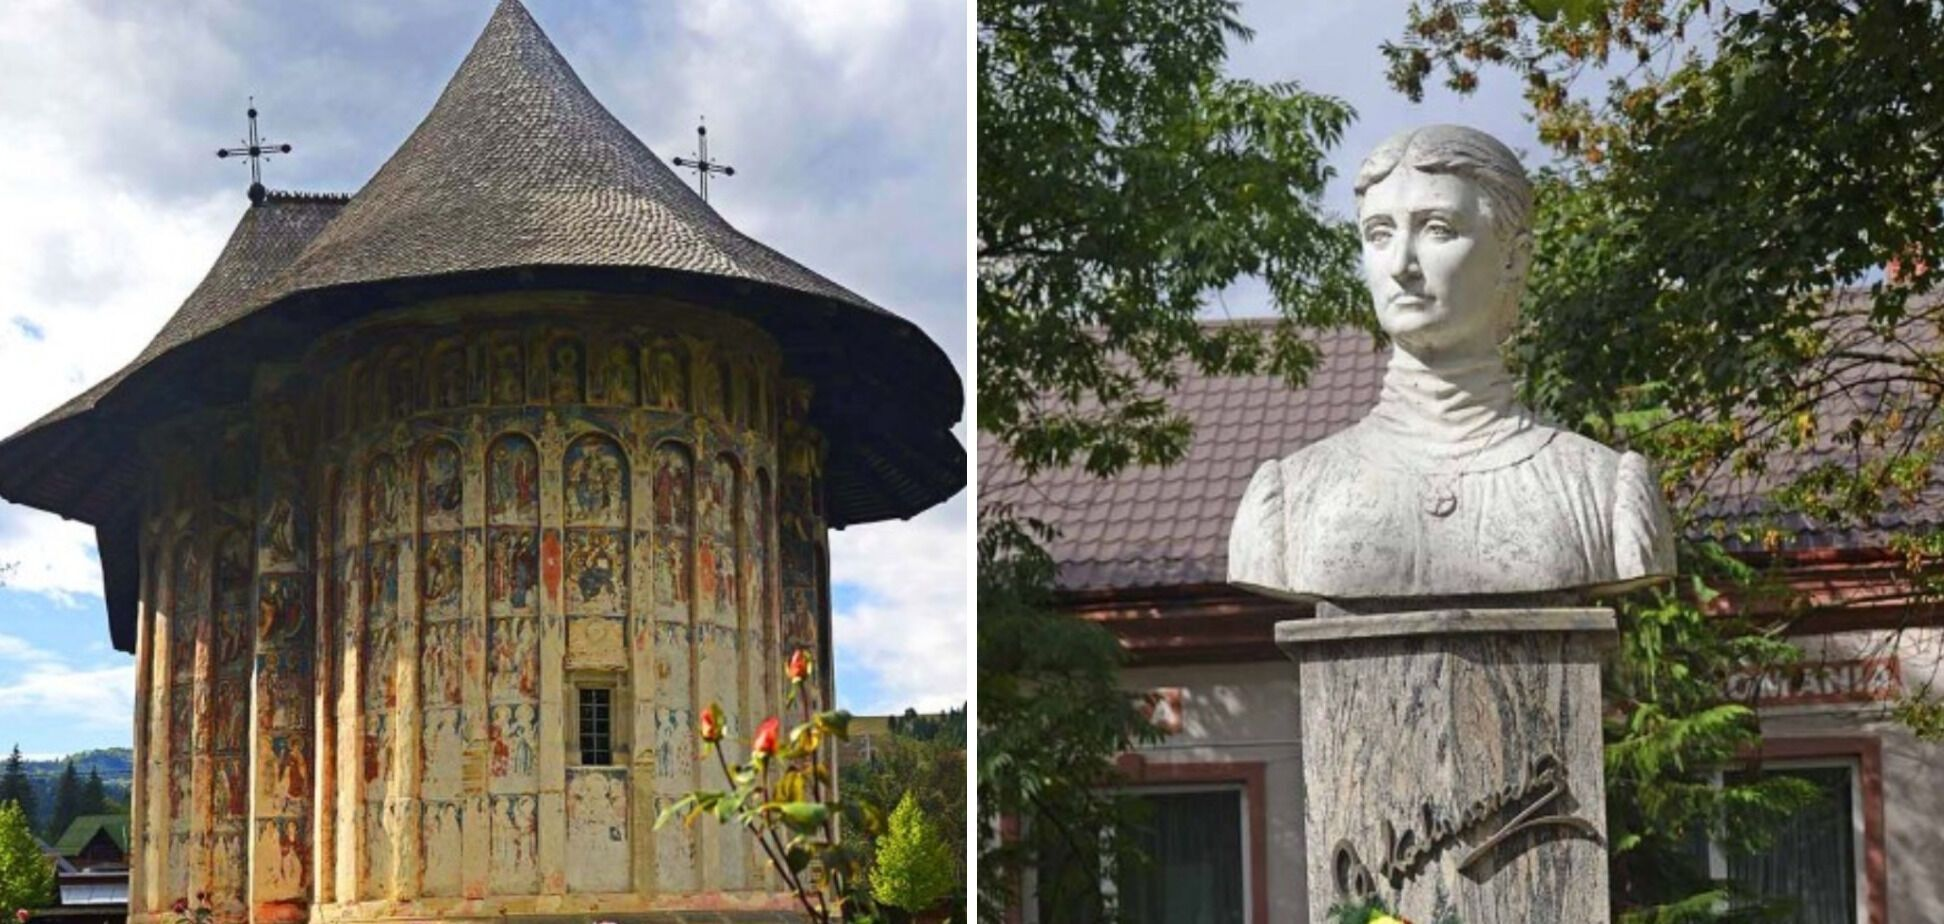 Яскрава церква монастиря Гумор і пам'ятник Ользі Кобилянській, встановлений у її рідному селі 2003 року.